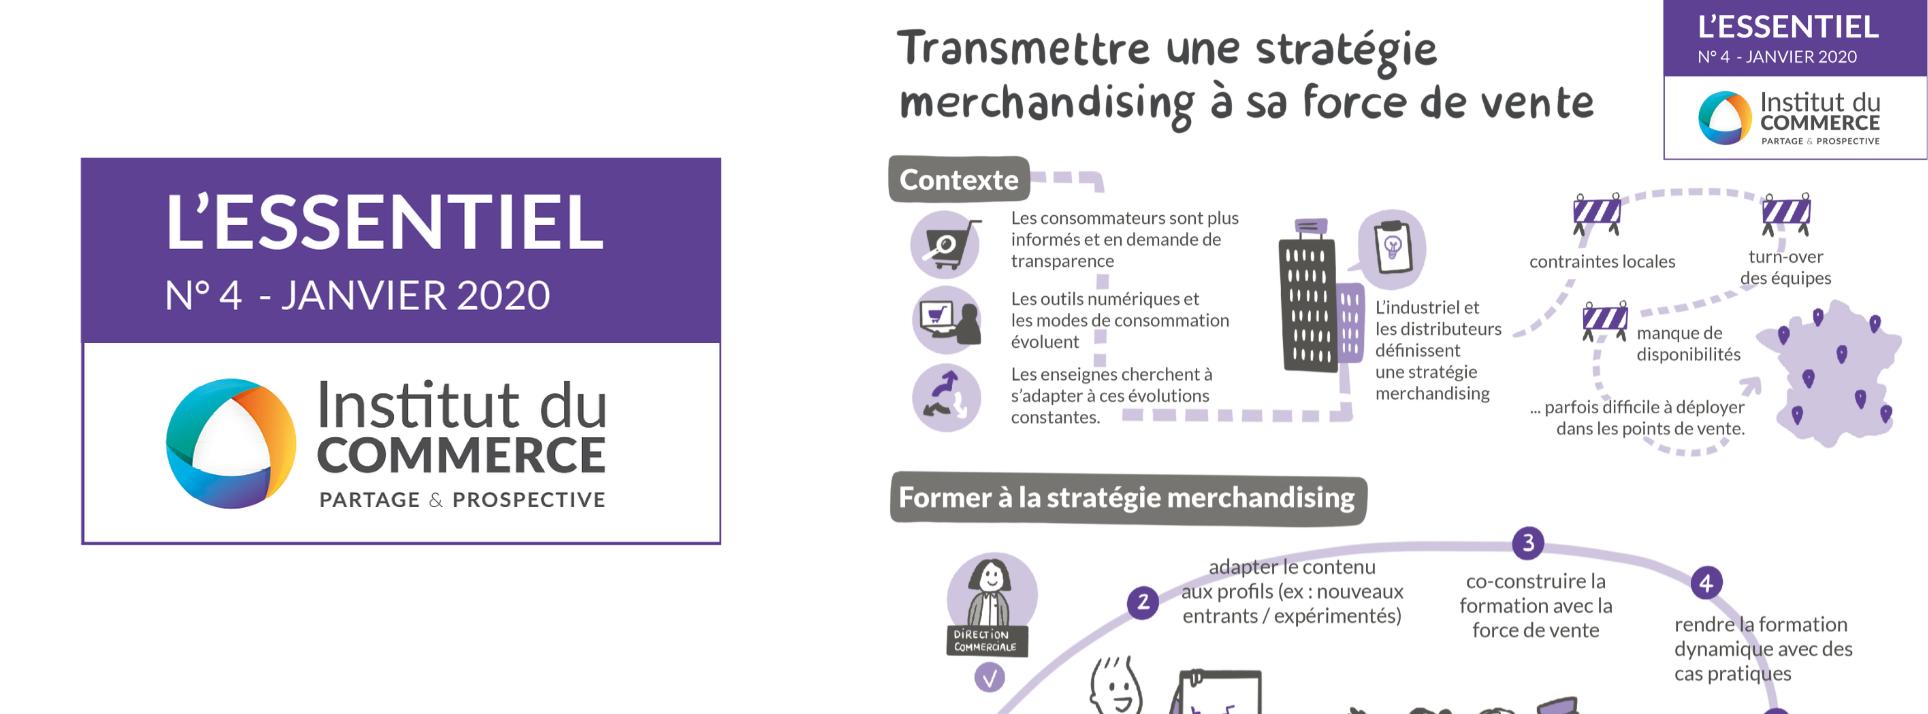 Essentiel#4 : Transmettre une stratégie merchandising à sa force de vente